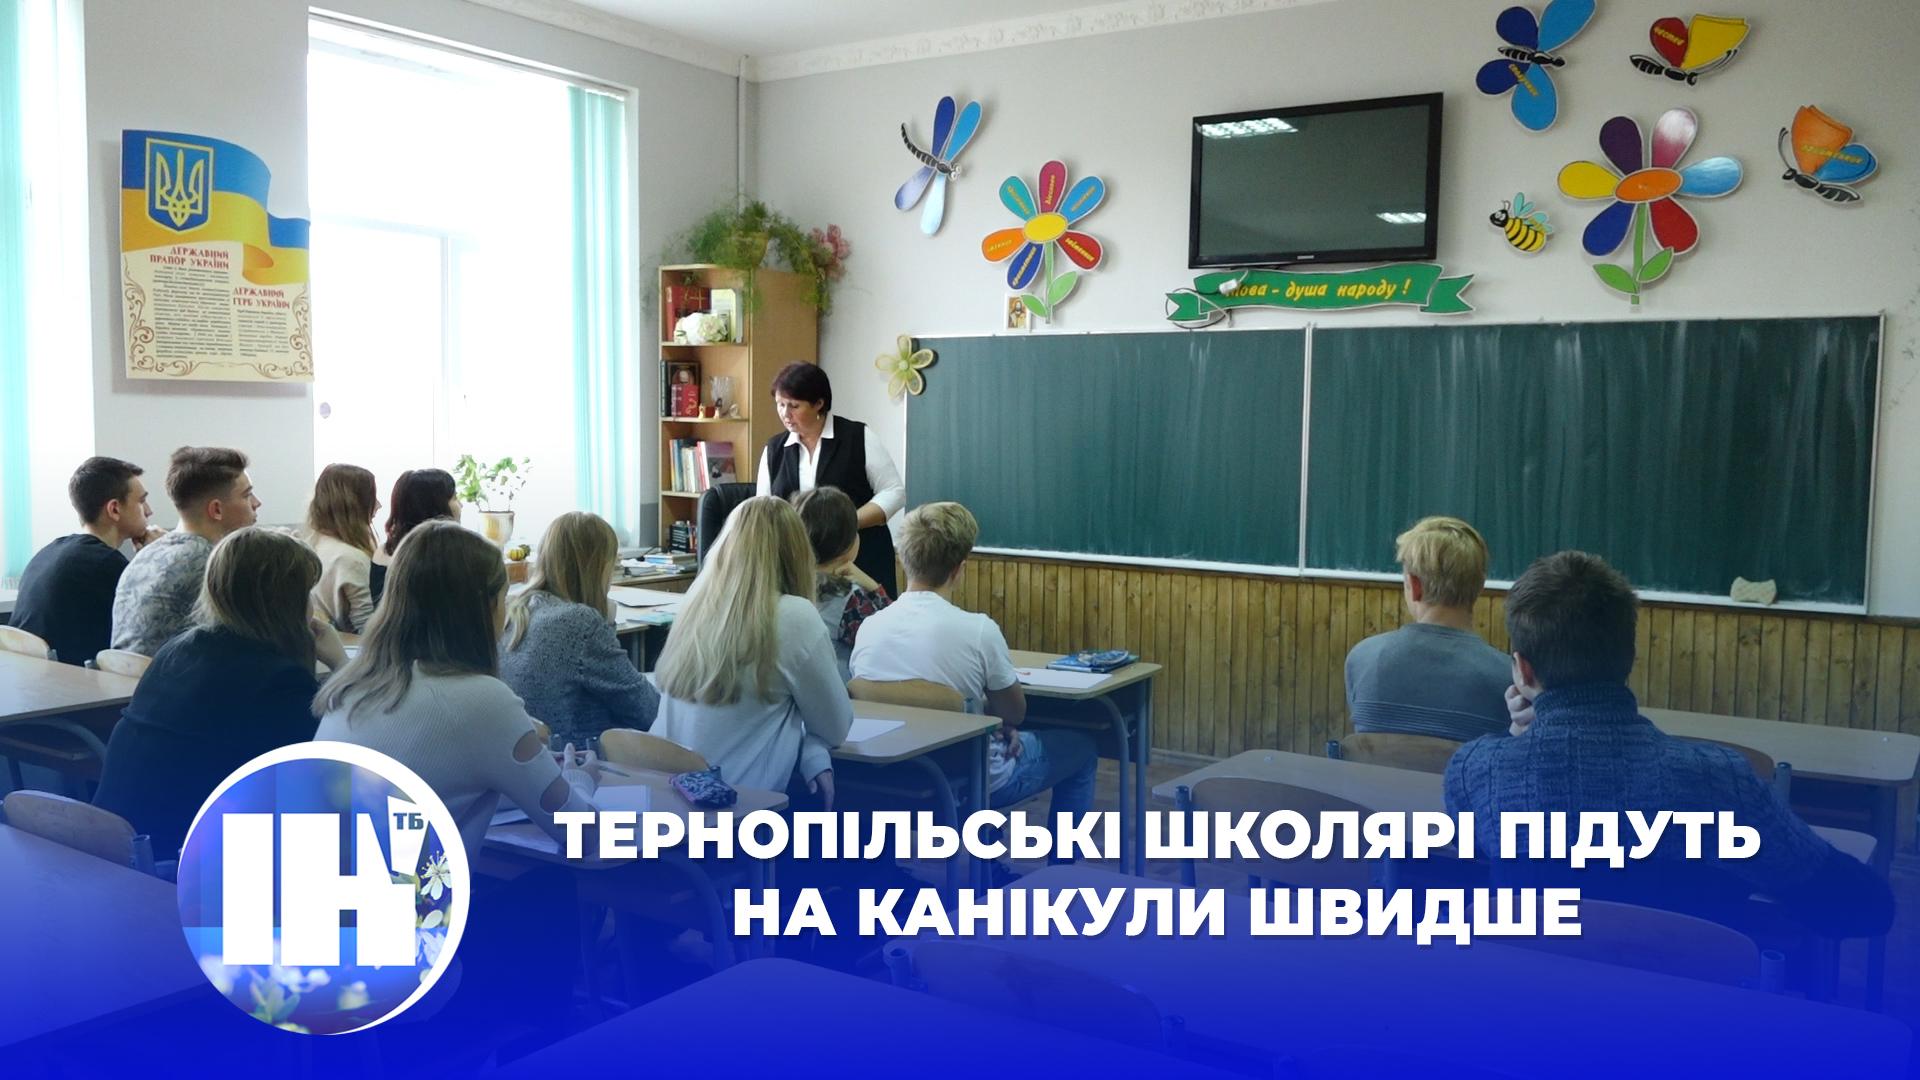 Тернопільські школярі підуть на канікули швидше